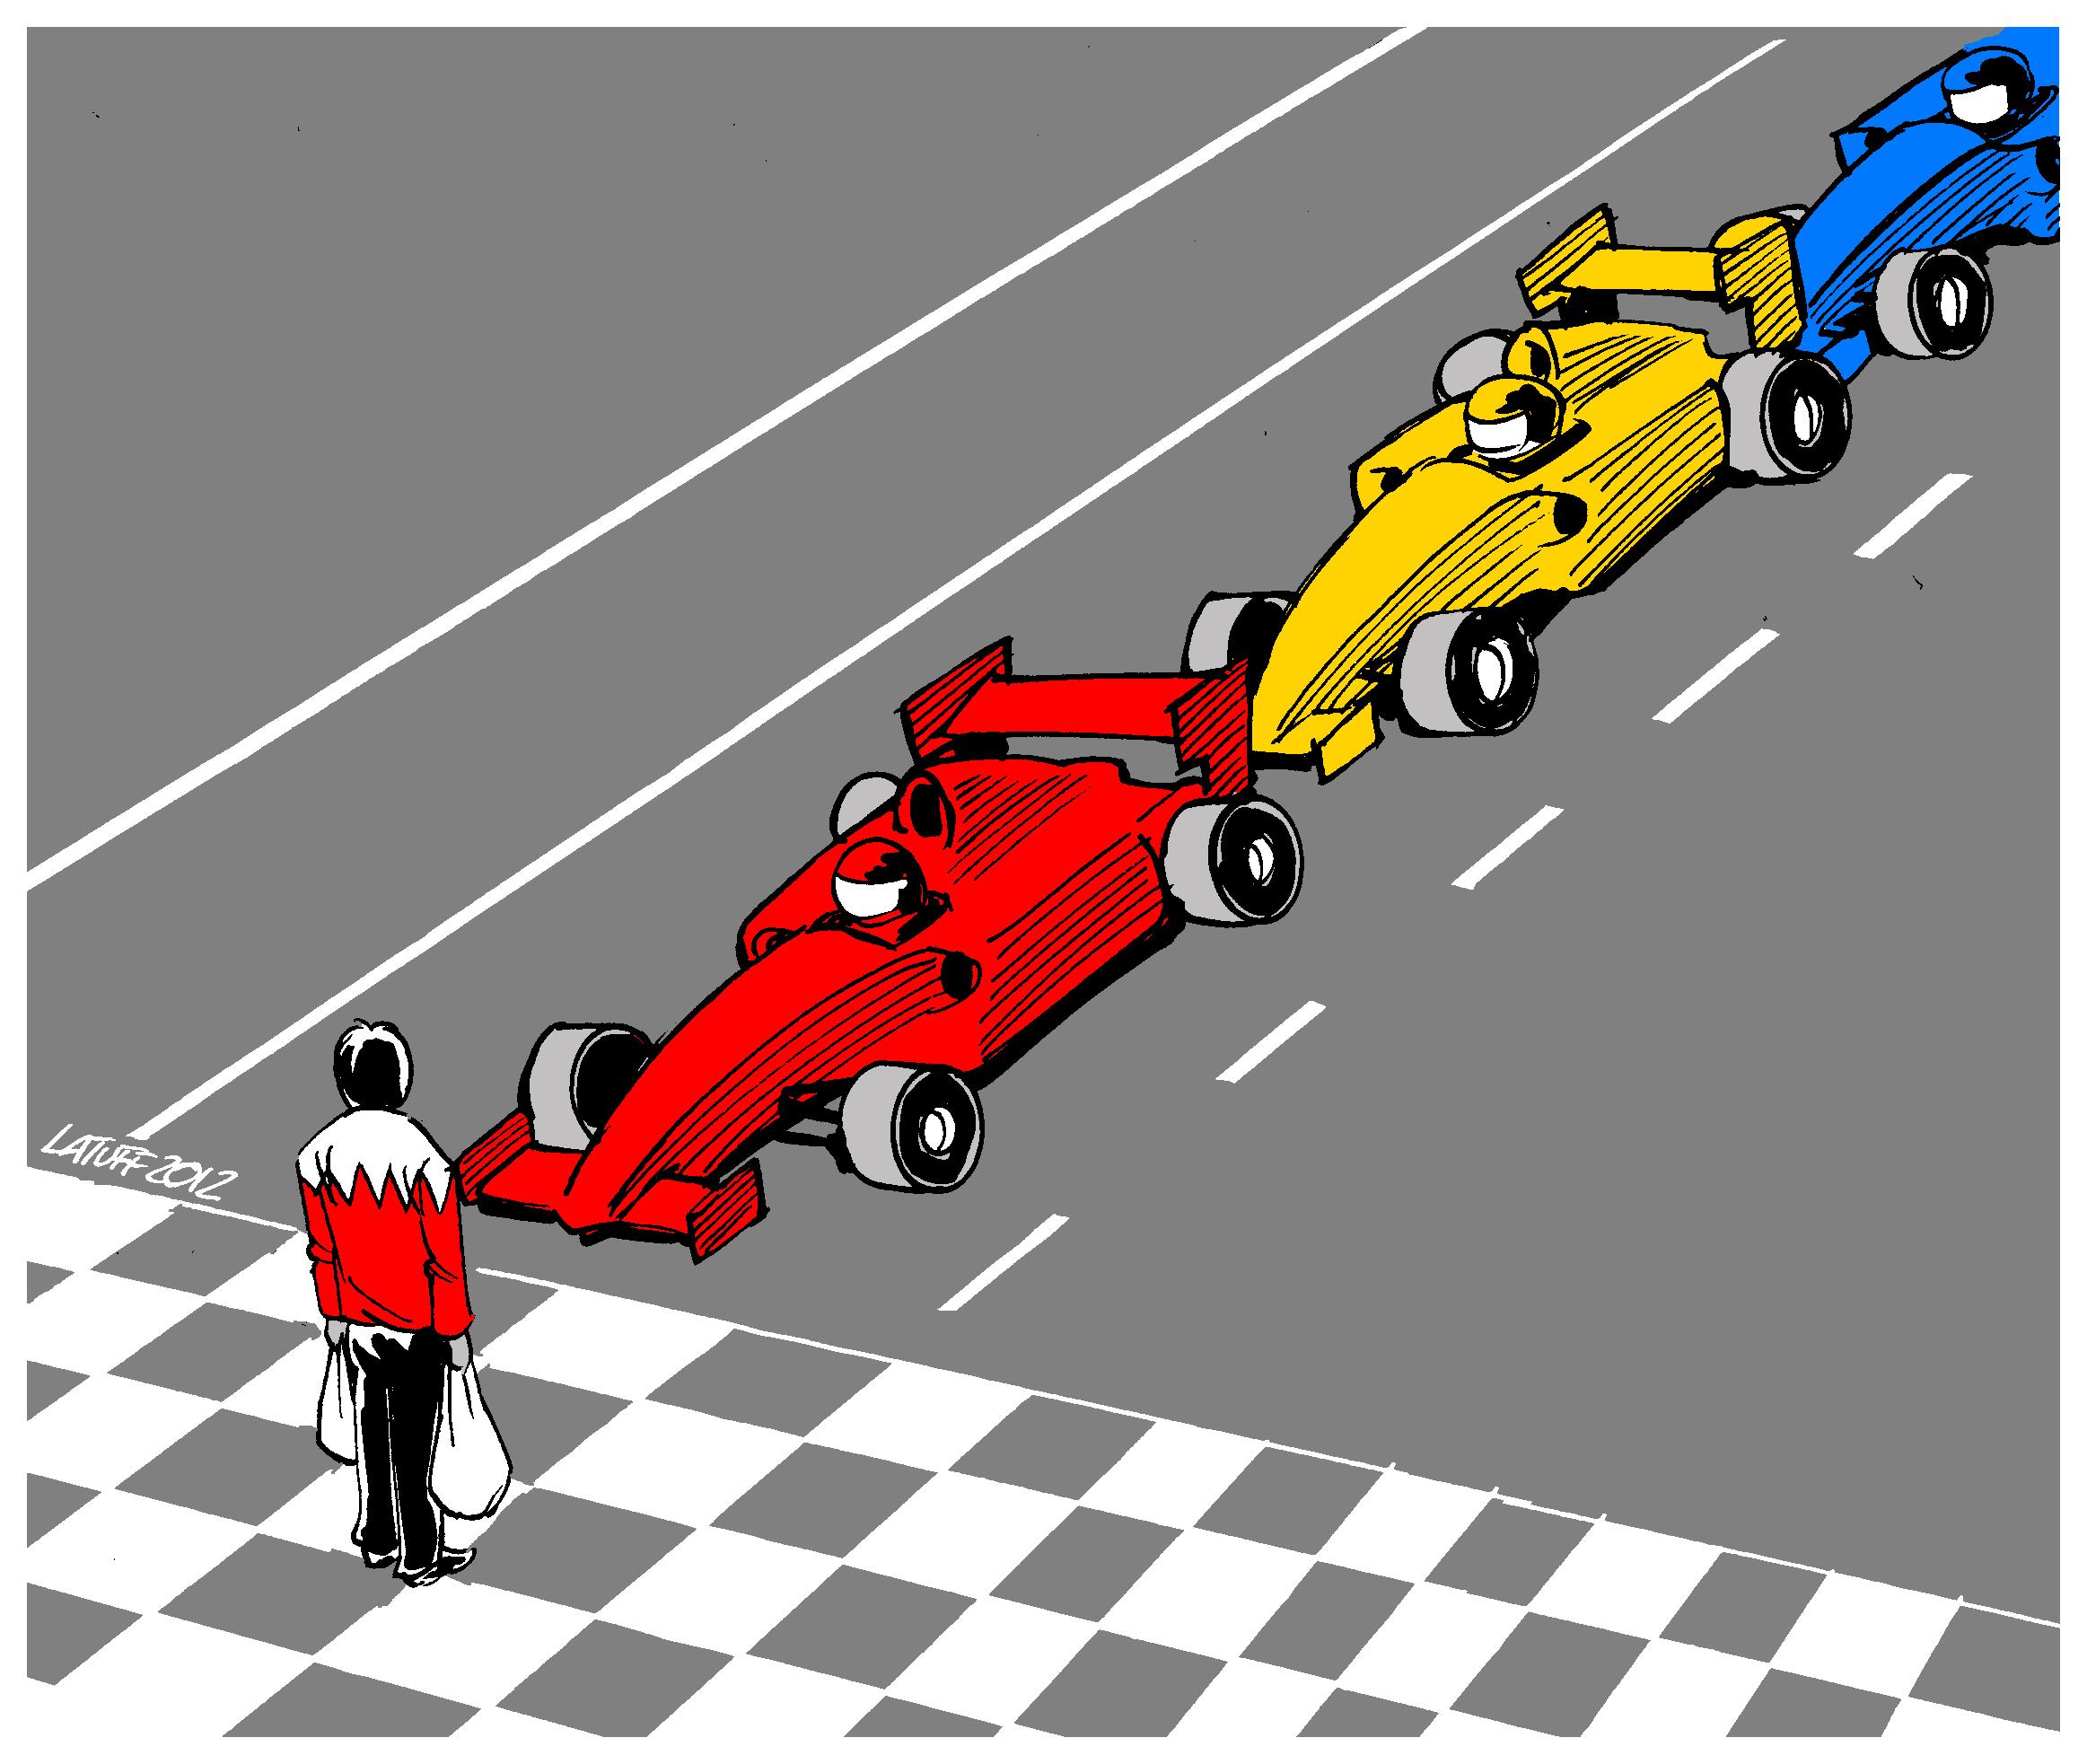 мужчина с авоськой - карикатура Carlos Latuff на тему Гран-при Бахрейна 2012